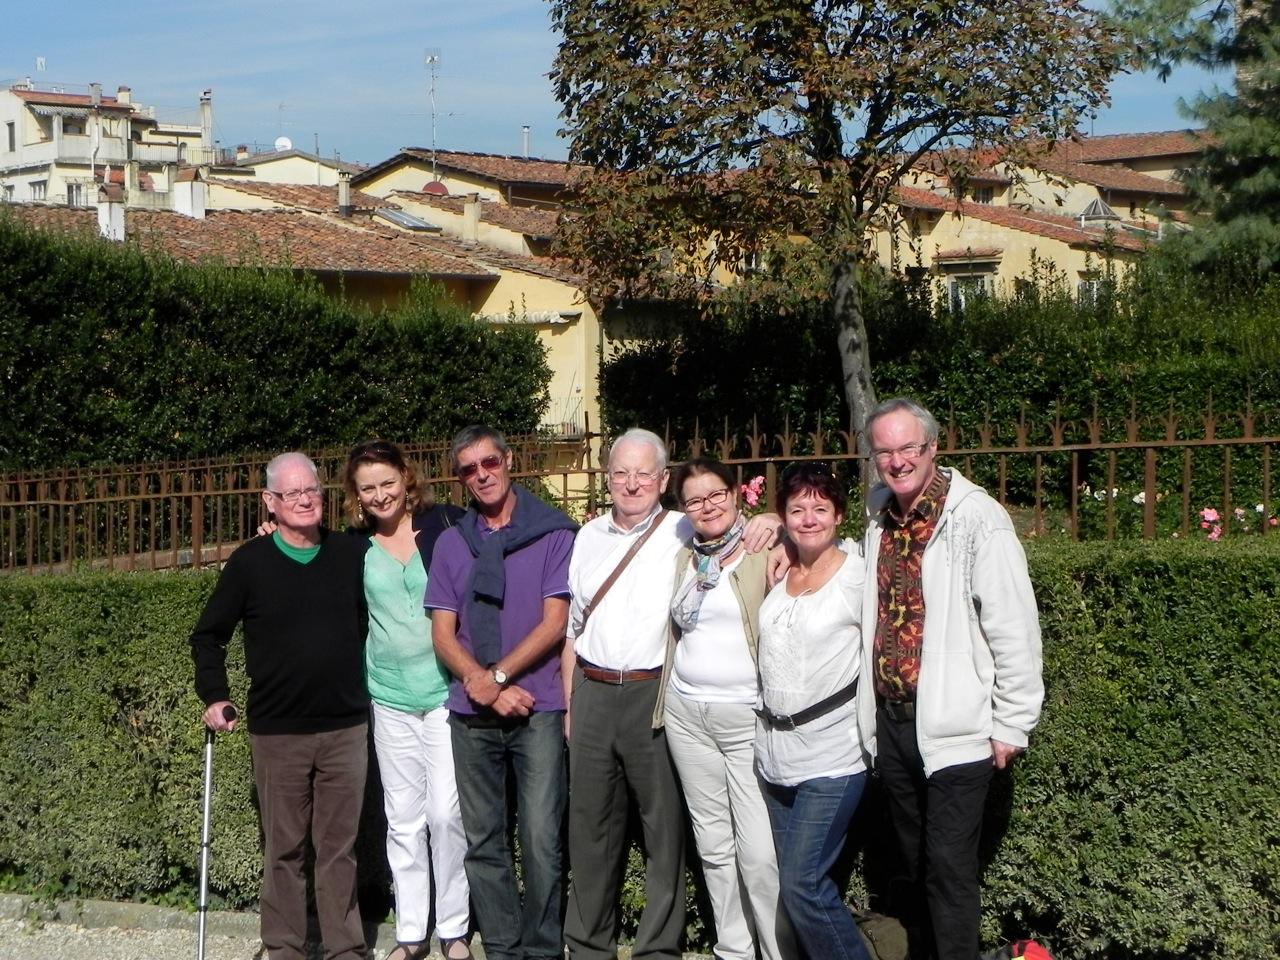 Jean-marc et tout le groupe d'amis